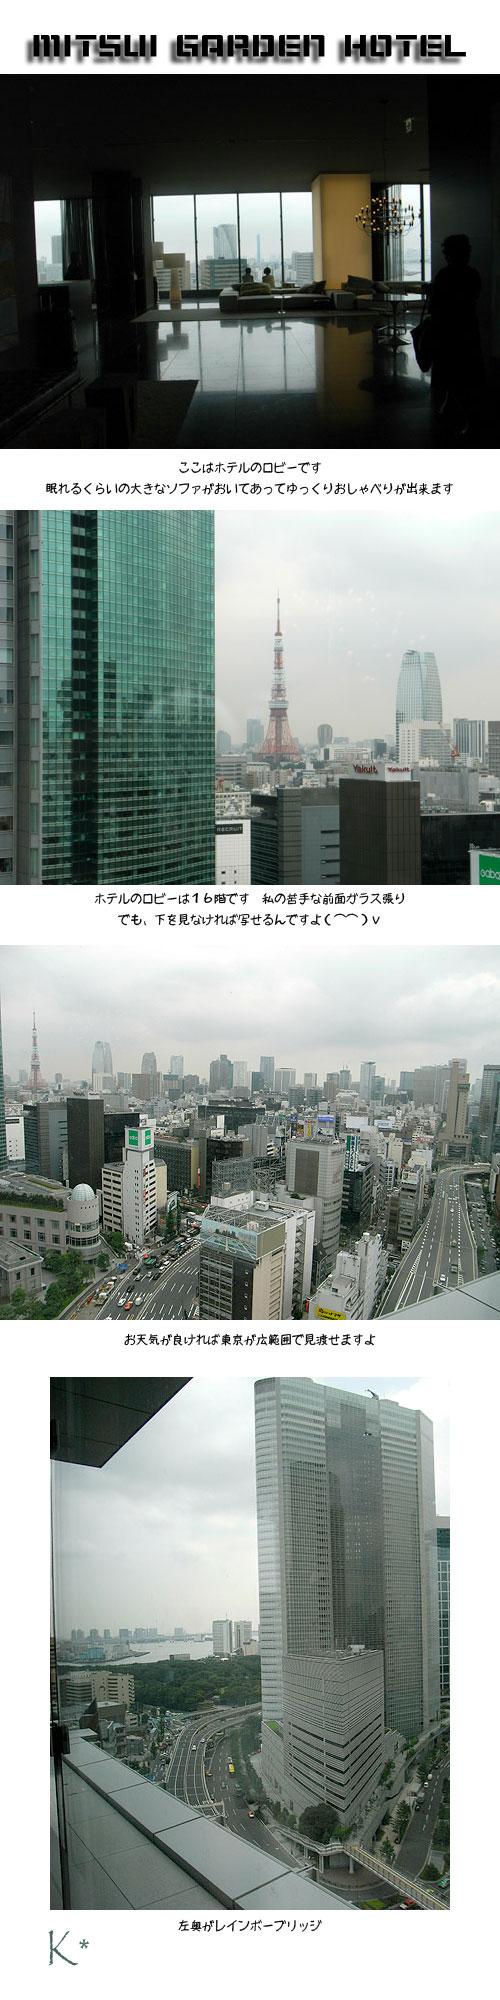 7月20日三井ガーデンホテル